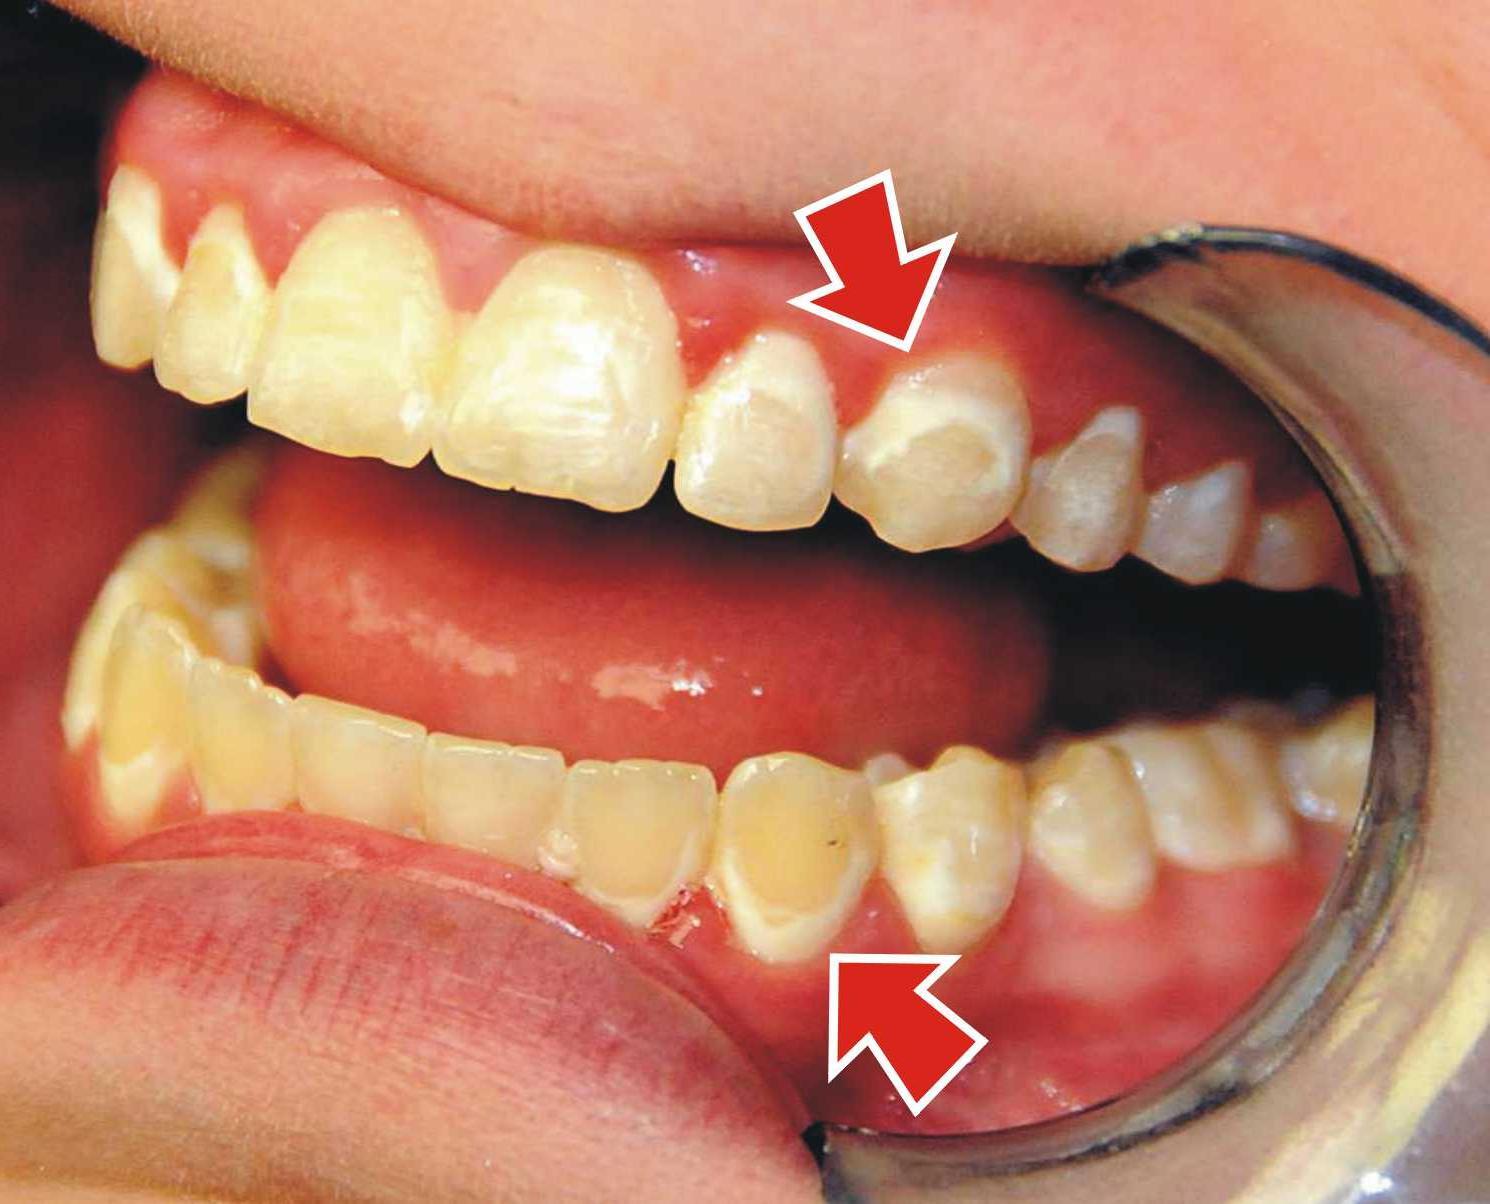 Не делайте этого в домашних условиях! Как снимать брекеты с зубов, и больно ли это